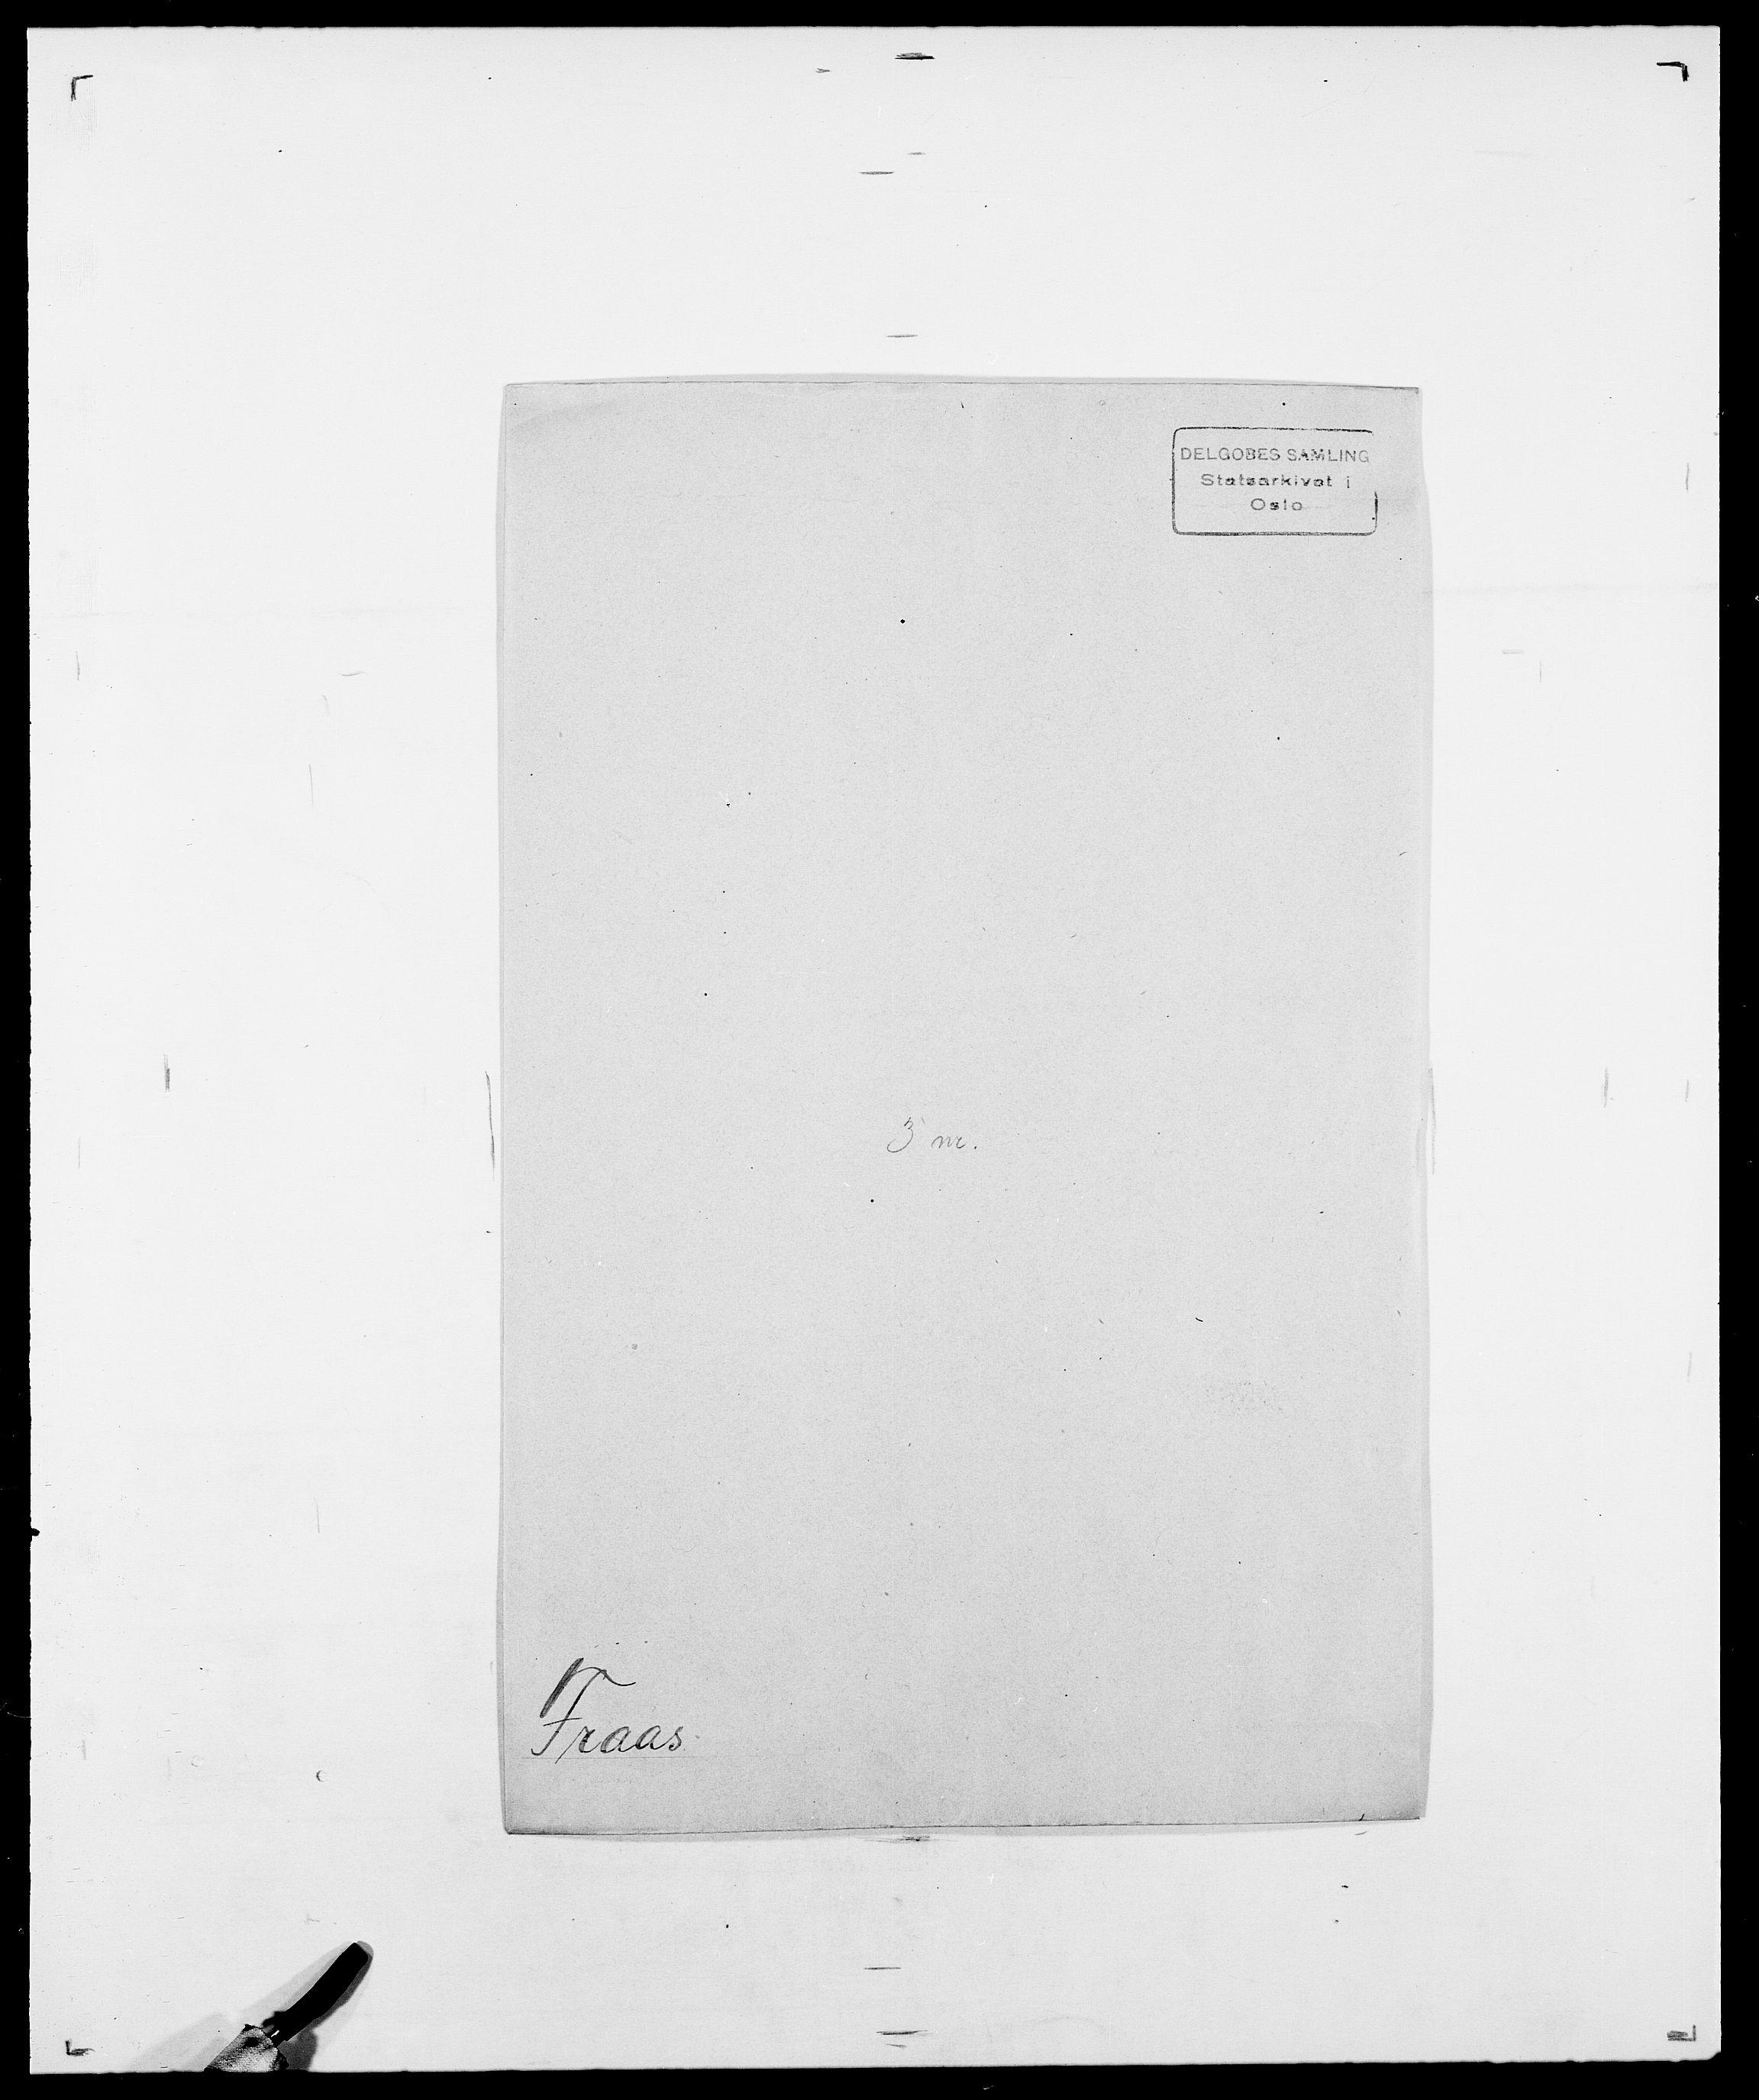 SAO, Delgobe, Charles Antoine - samling, D/Da/L0012: Flor, Floer, Flohr - Fritzner, s. 686